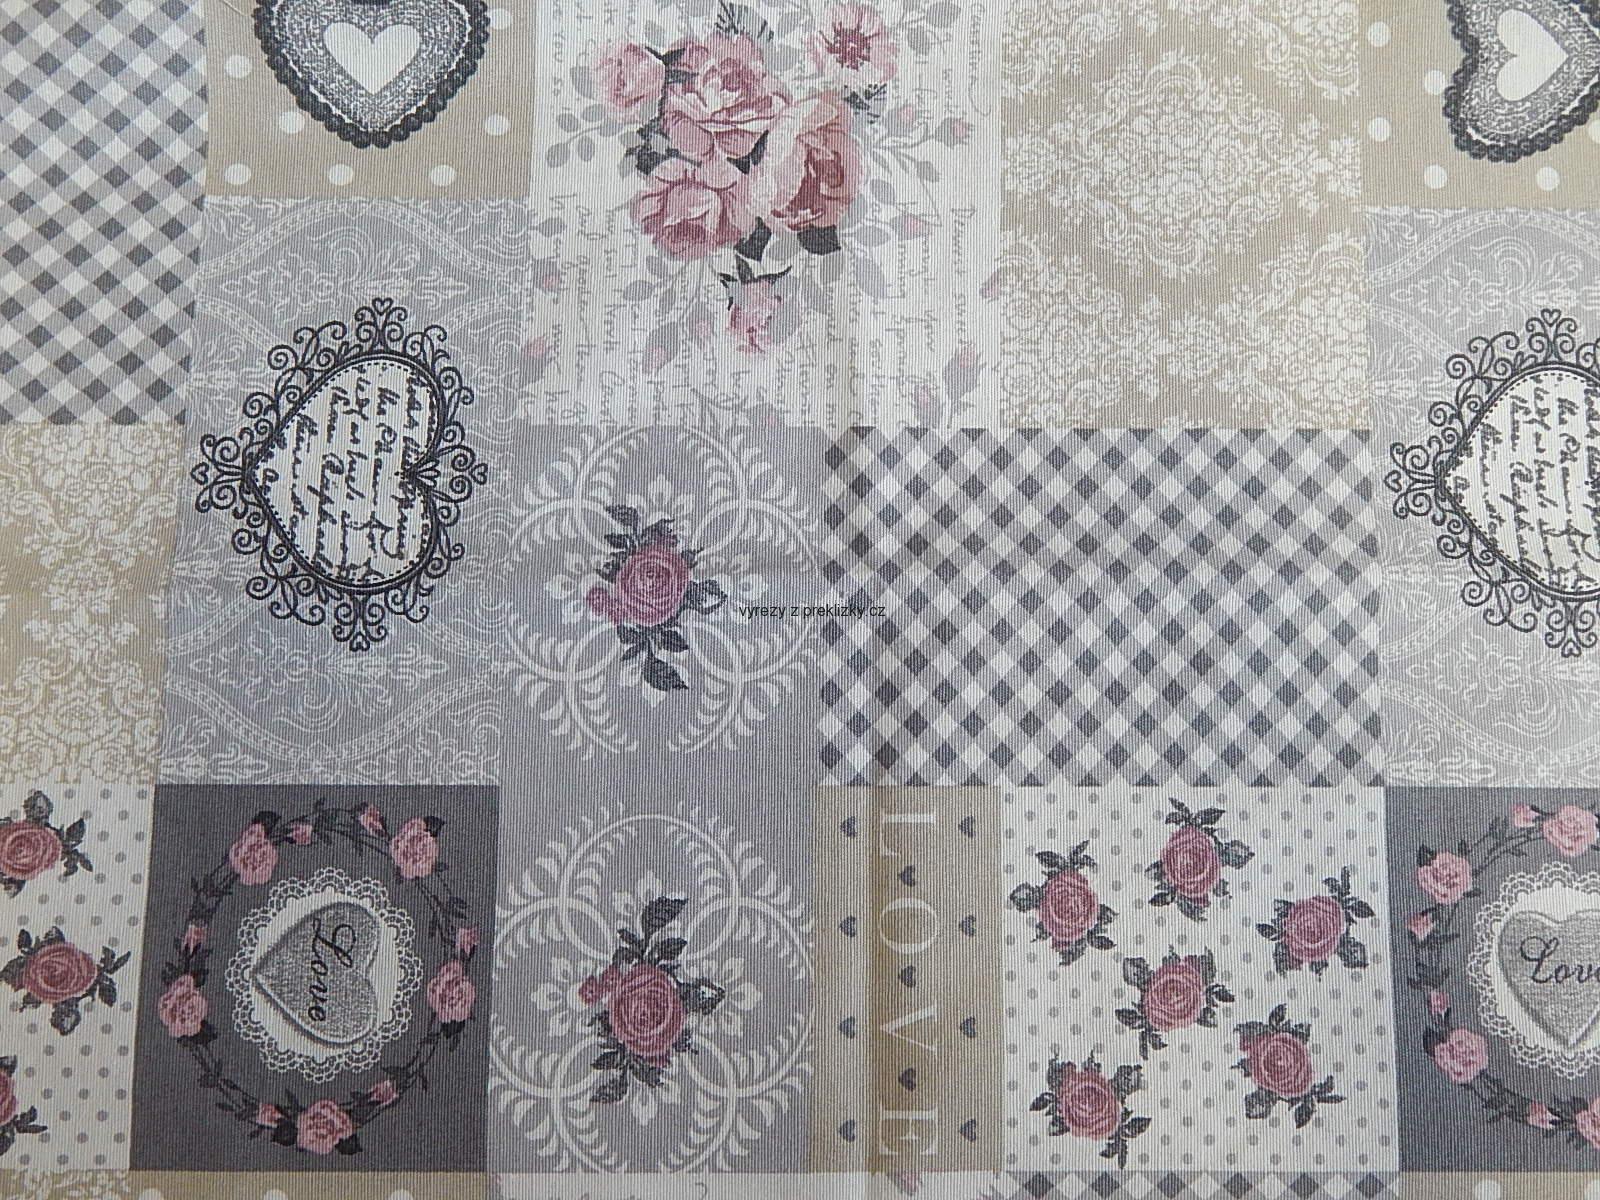 5968c2601 Látka, patchwork, srdce, květy, čtverečky, šedá, béžová | Tvořivé ...